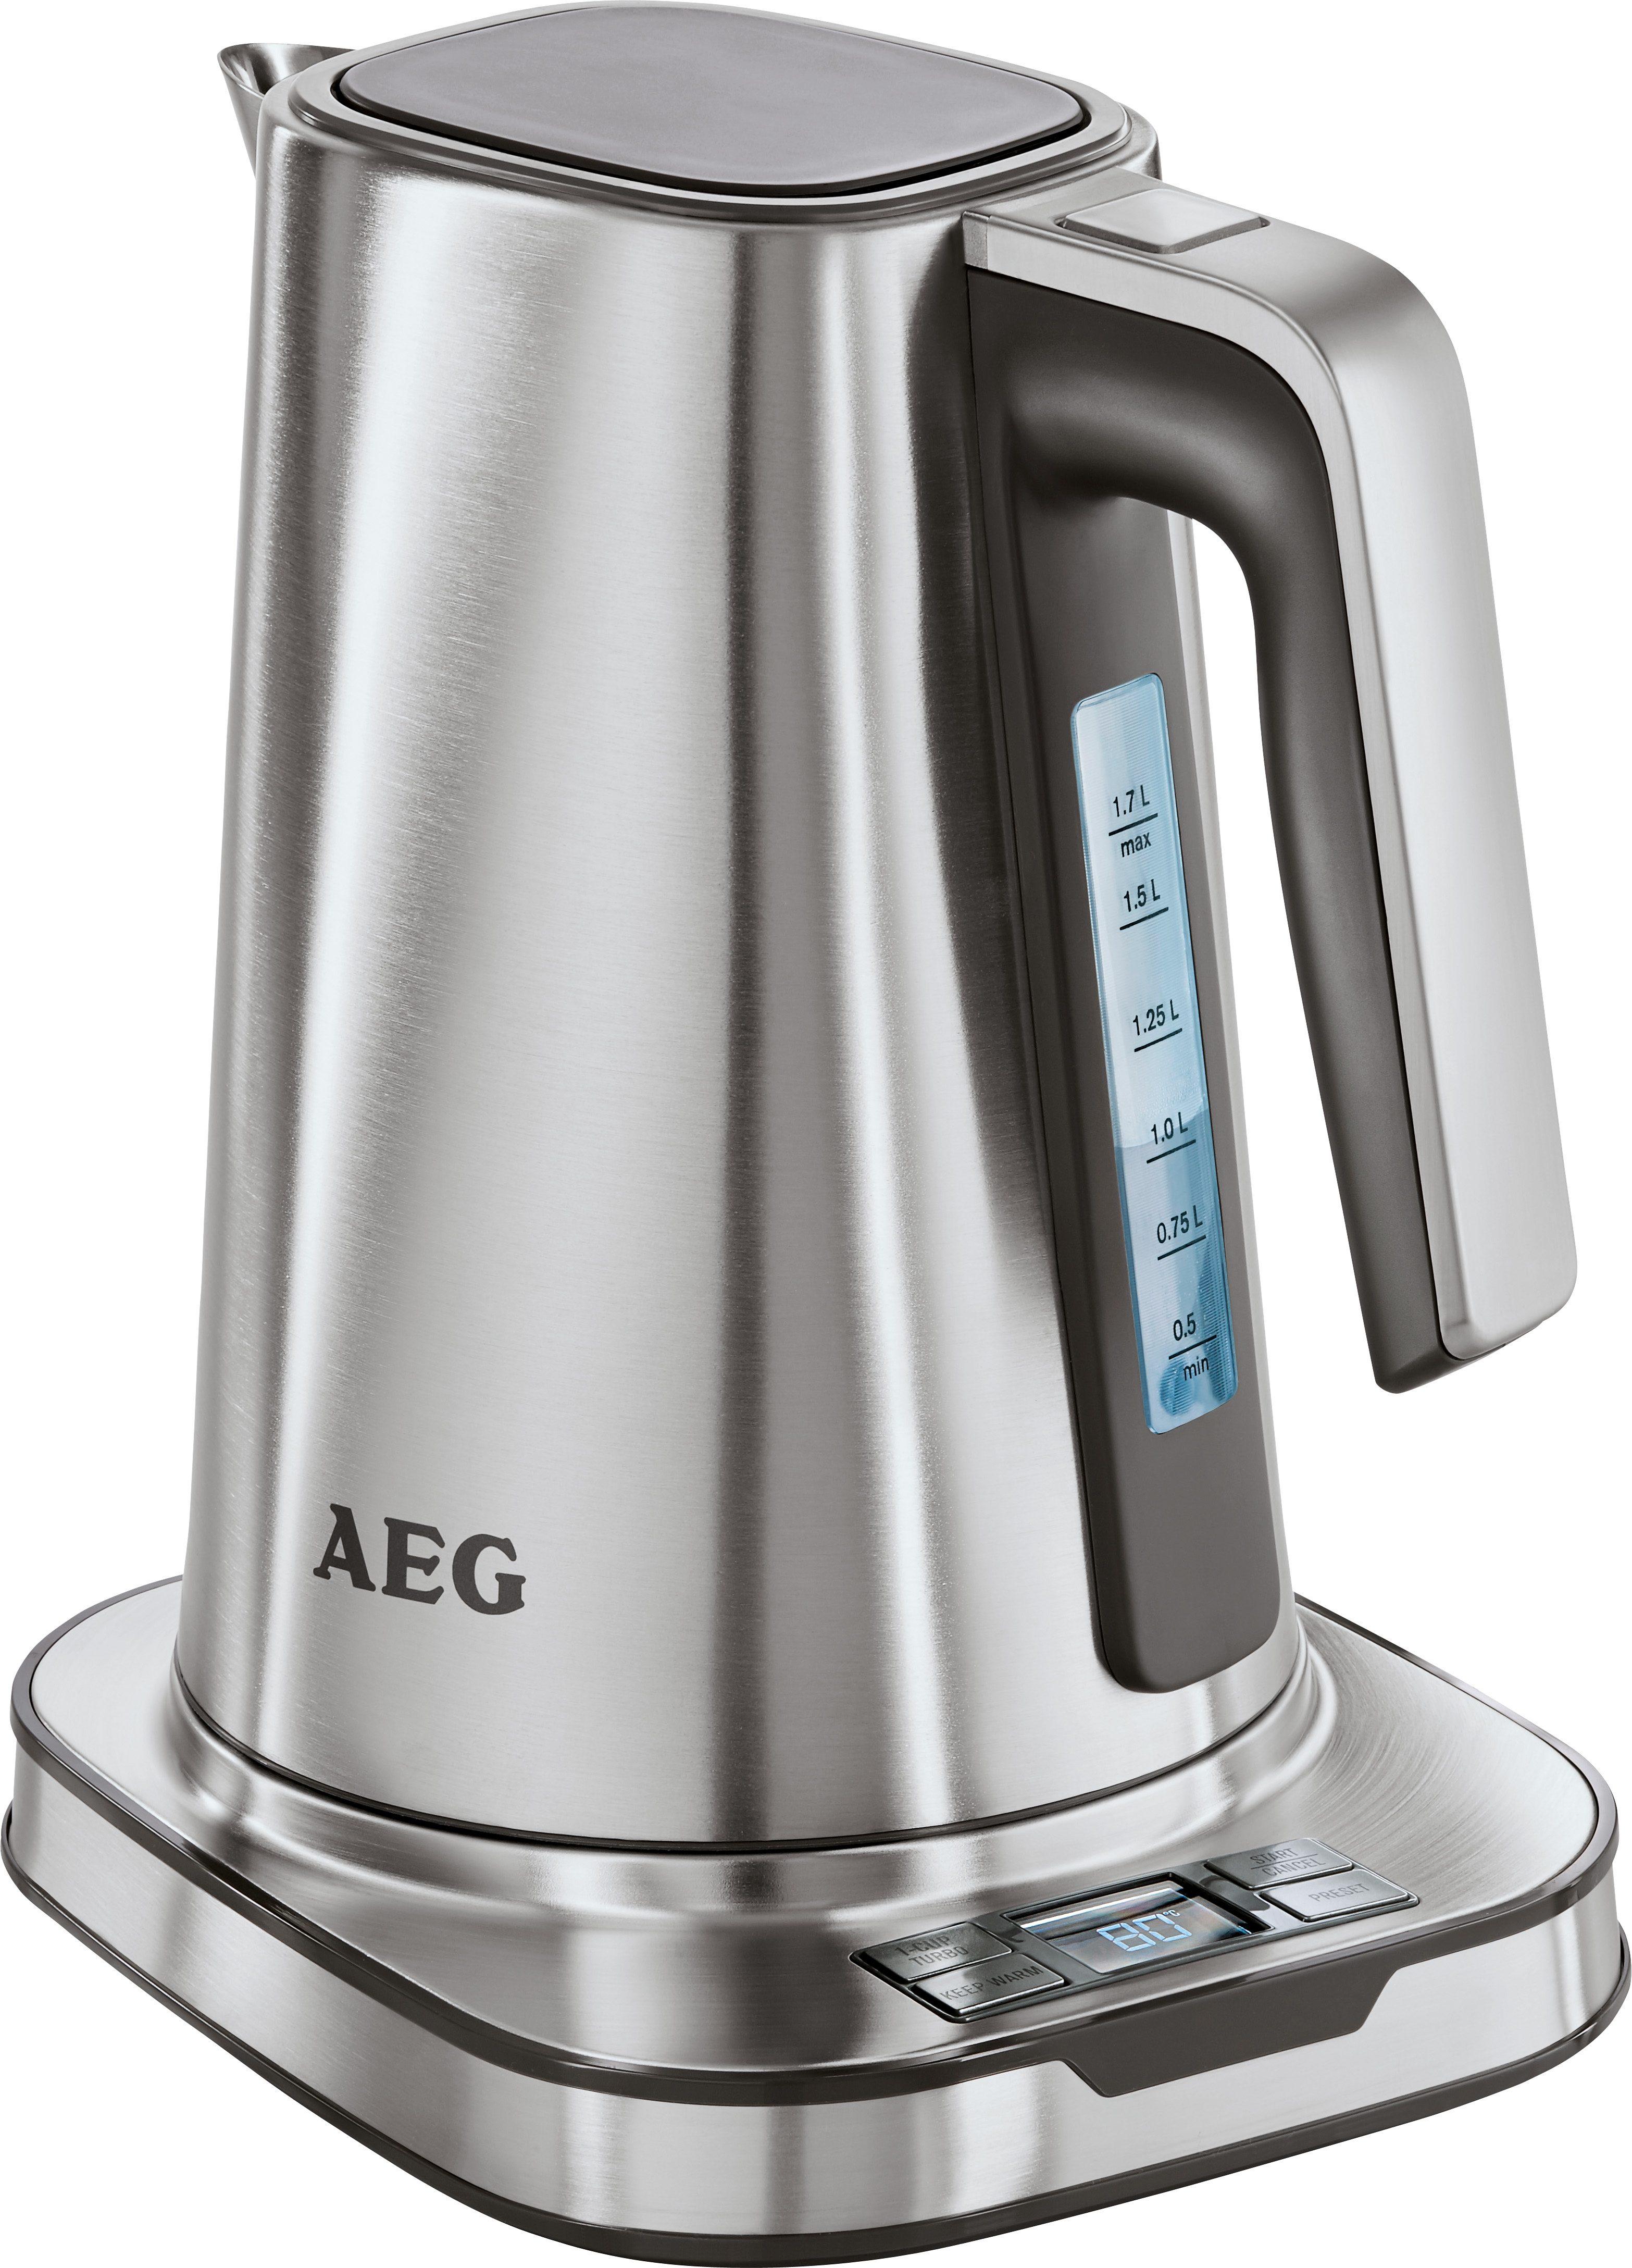 AEG Wasserkocher Expresswasserkocher PremiumLine 7Series EWA 7800, 1,7 Liter, 2400 Watt